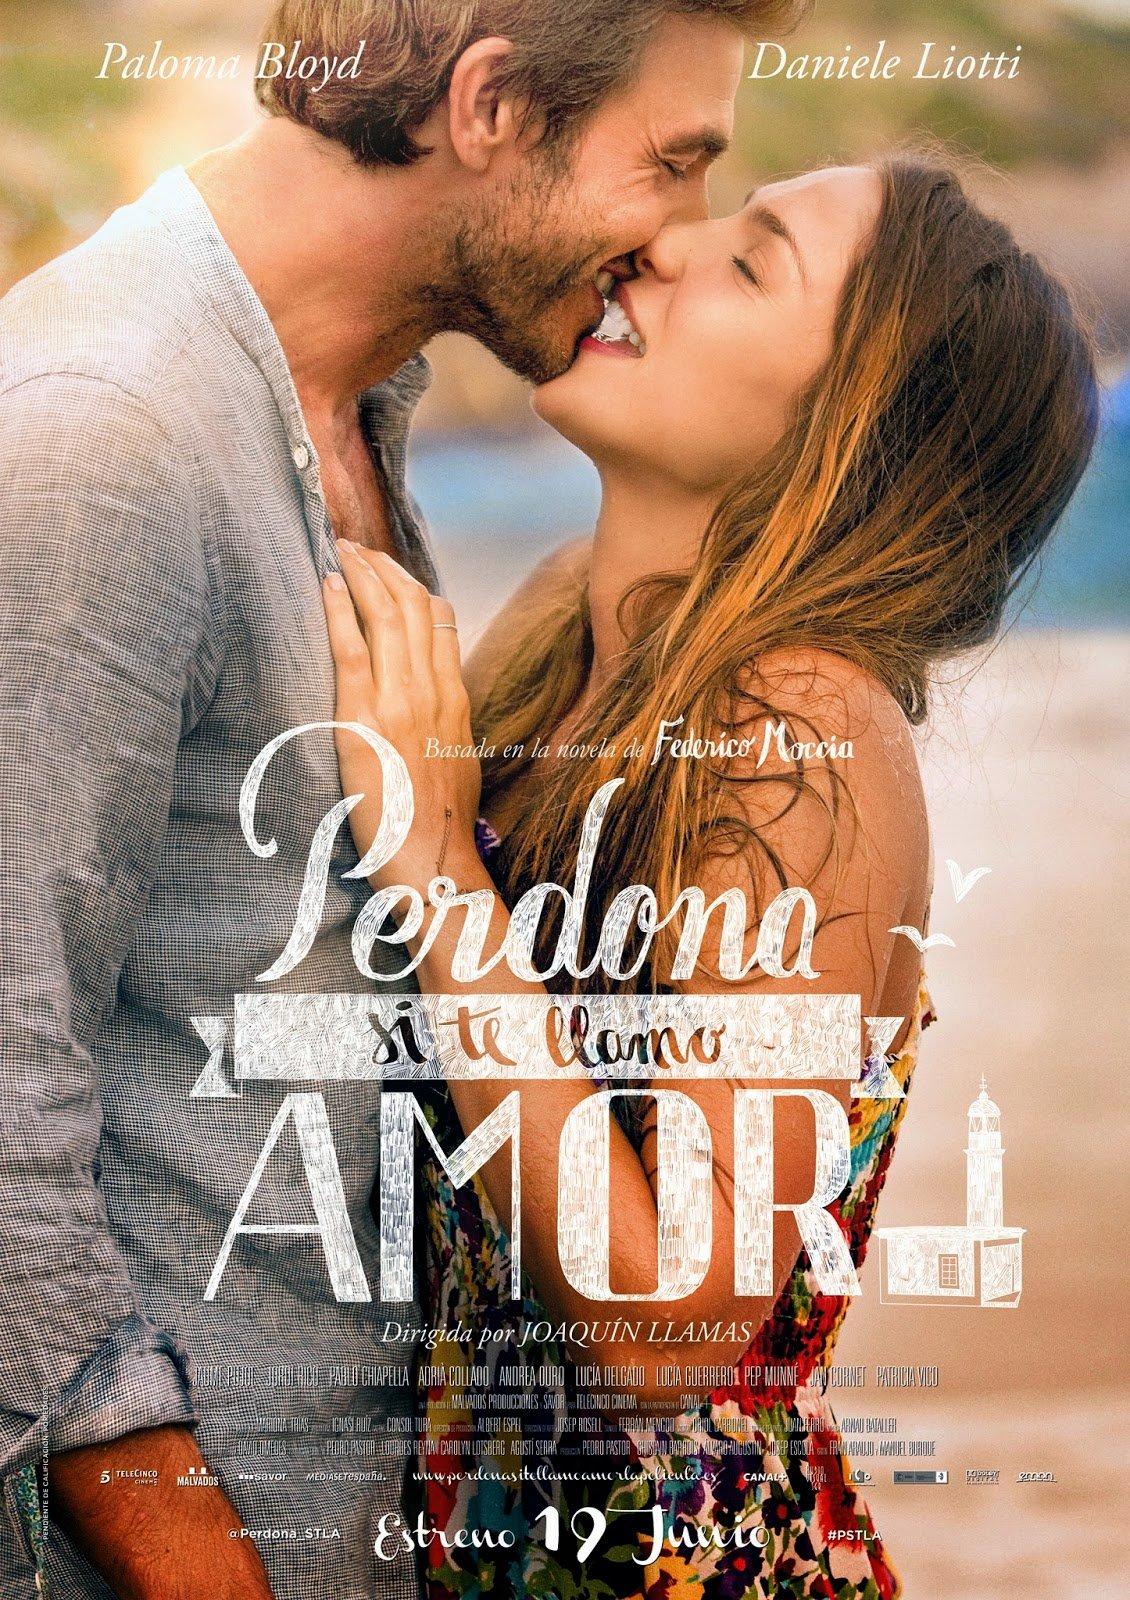 მაპატიე სიყვარულისთვის / Sorry If I Call You Love (Perdona si te llamo amor)